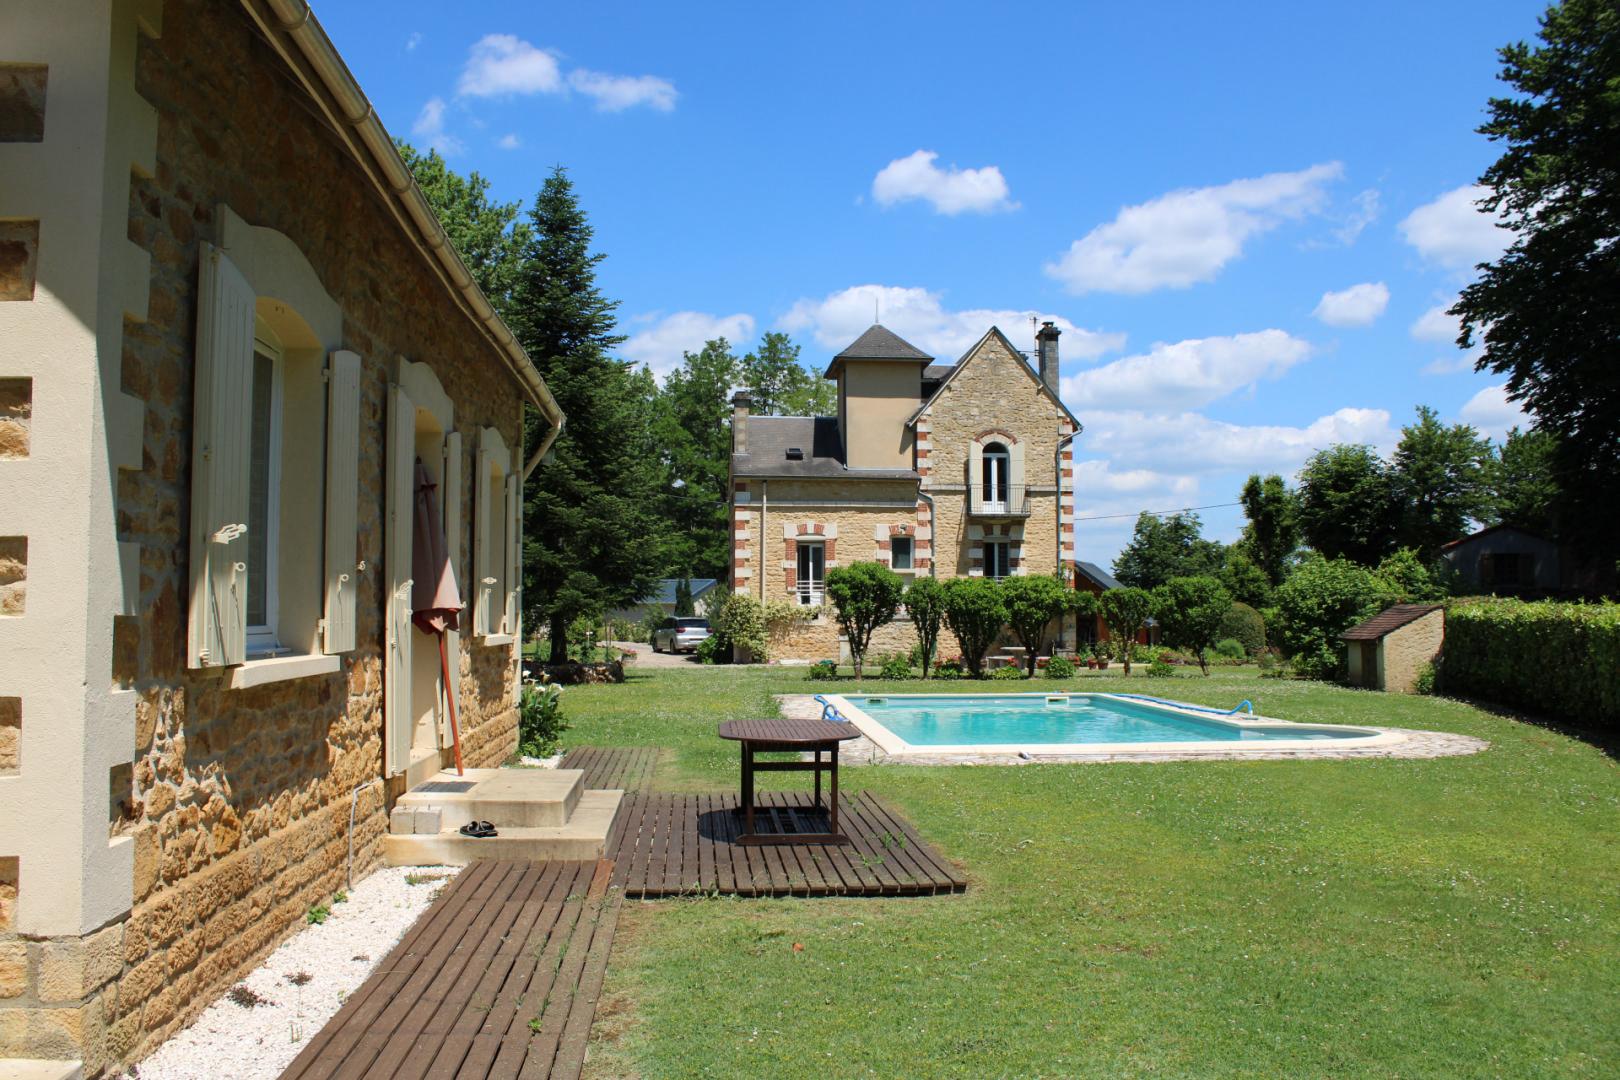 Au coeur du Périgord Noir, à 10 kilomètres de SARLAT, maison de maître entièrement rénovée avec gîte et piscine.